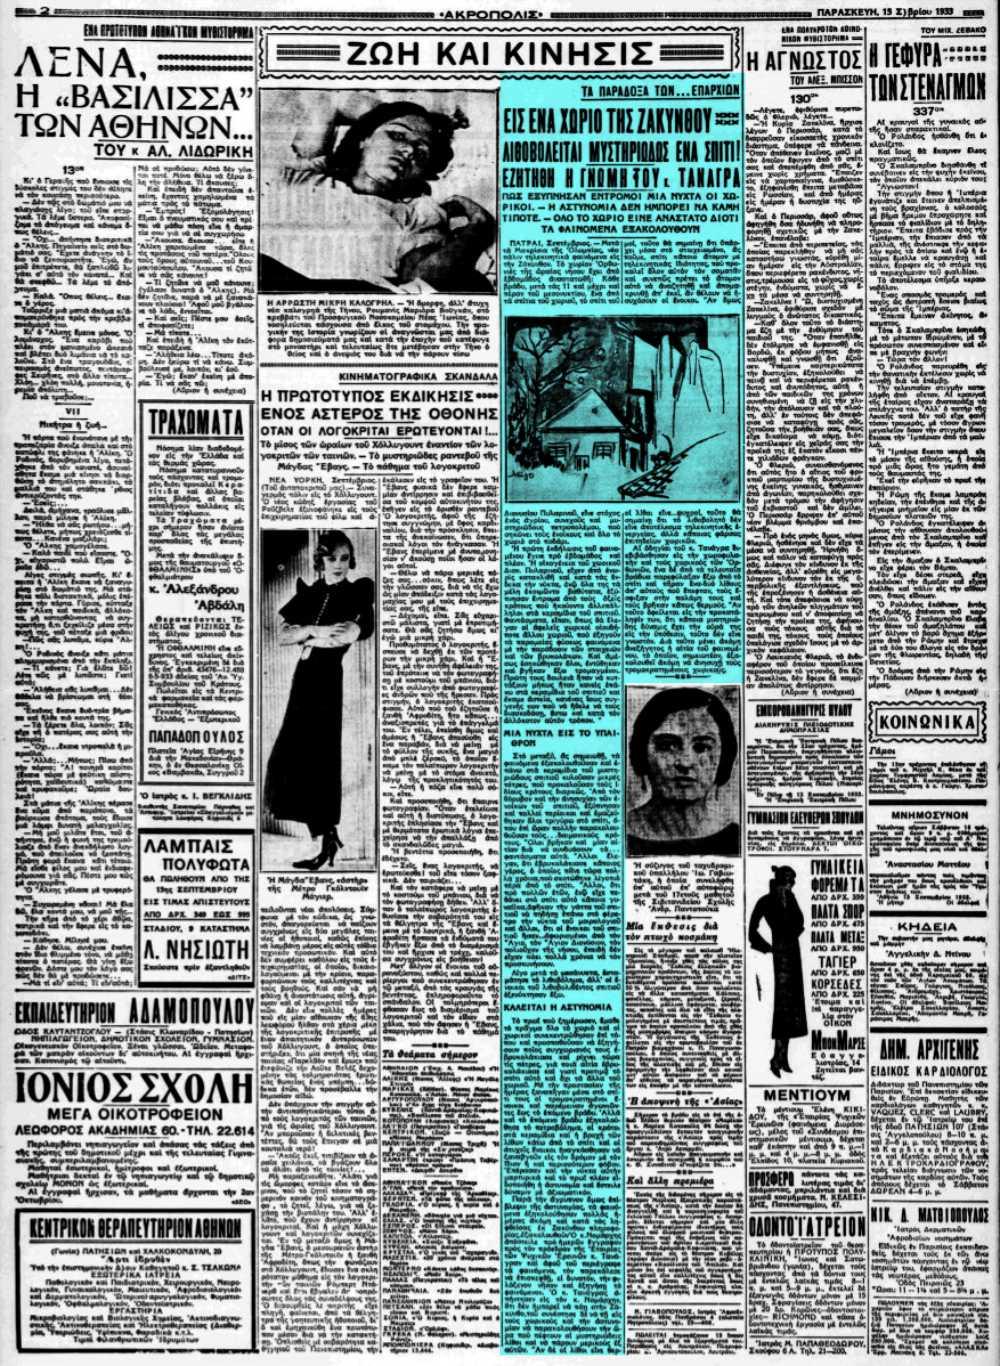 """Το άρθρο, όπως δημοσιεύθηκε στην εφημερίδα """"ΑΚΡΟΠΟΛΙΣ"""", στις 15/09/1933"""